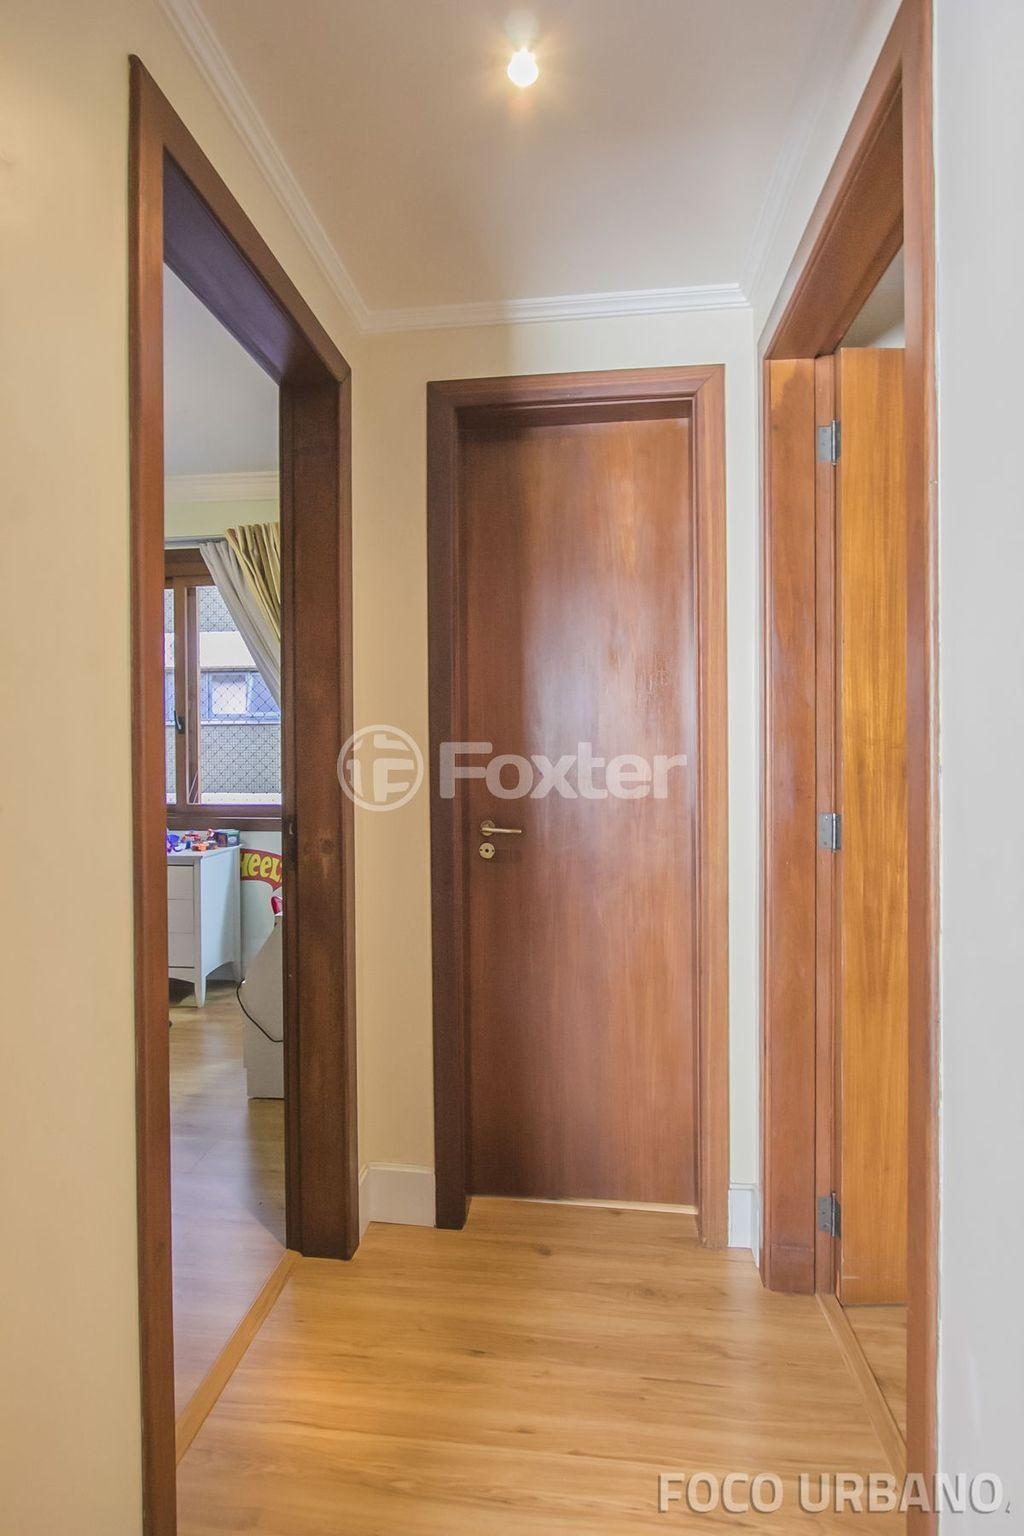 Foxter Imobiliária - Apto 2 Dorm, Petrópolis - Foto 9